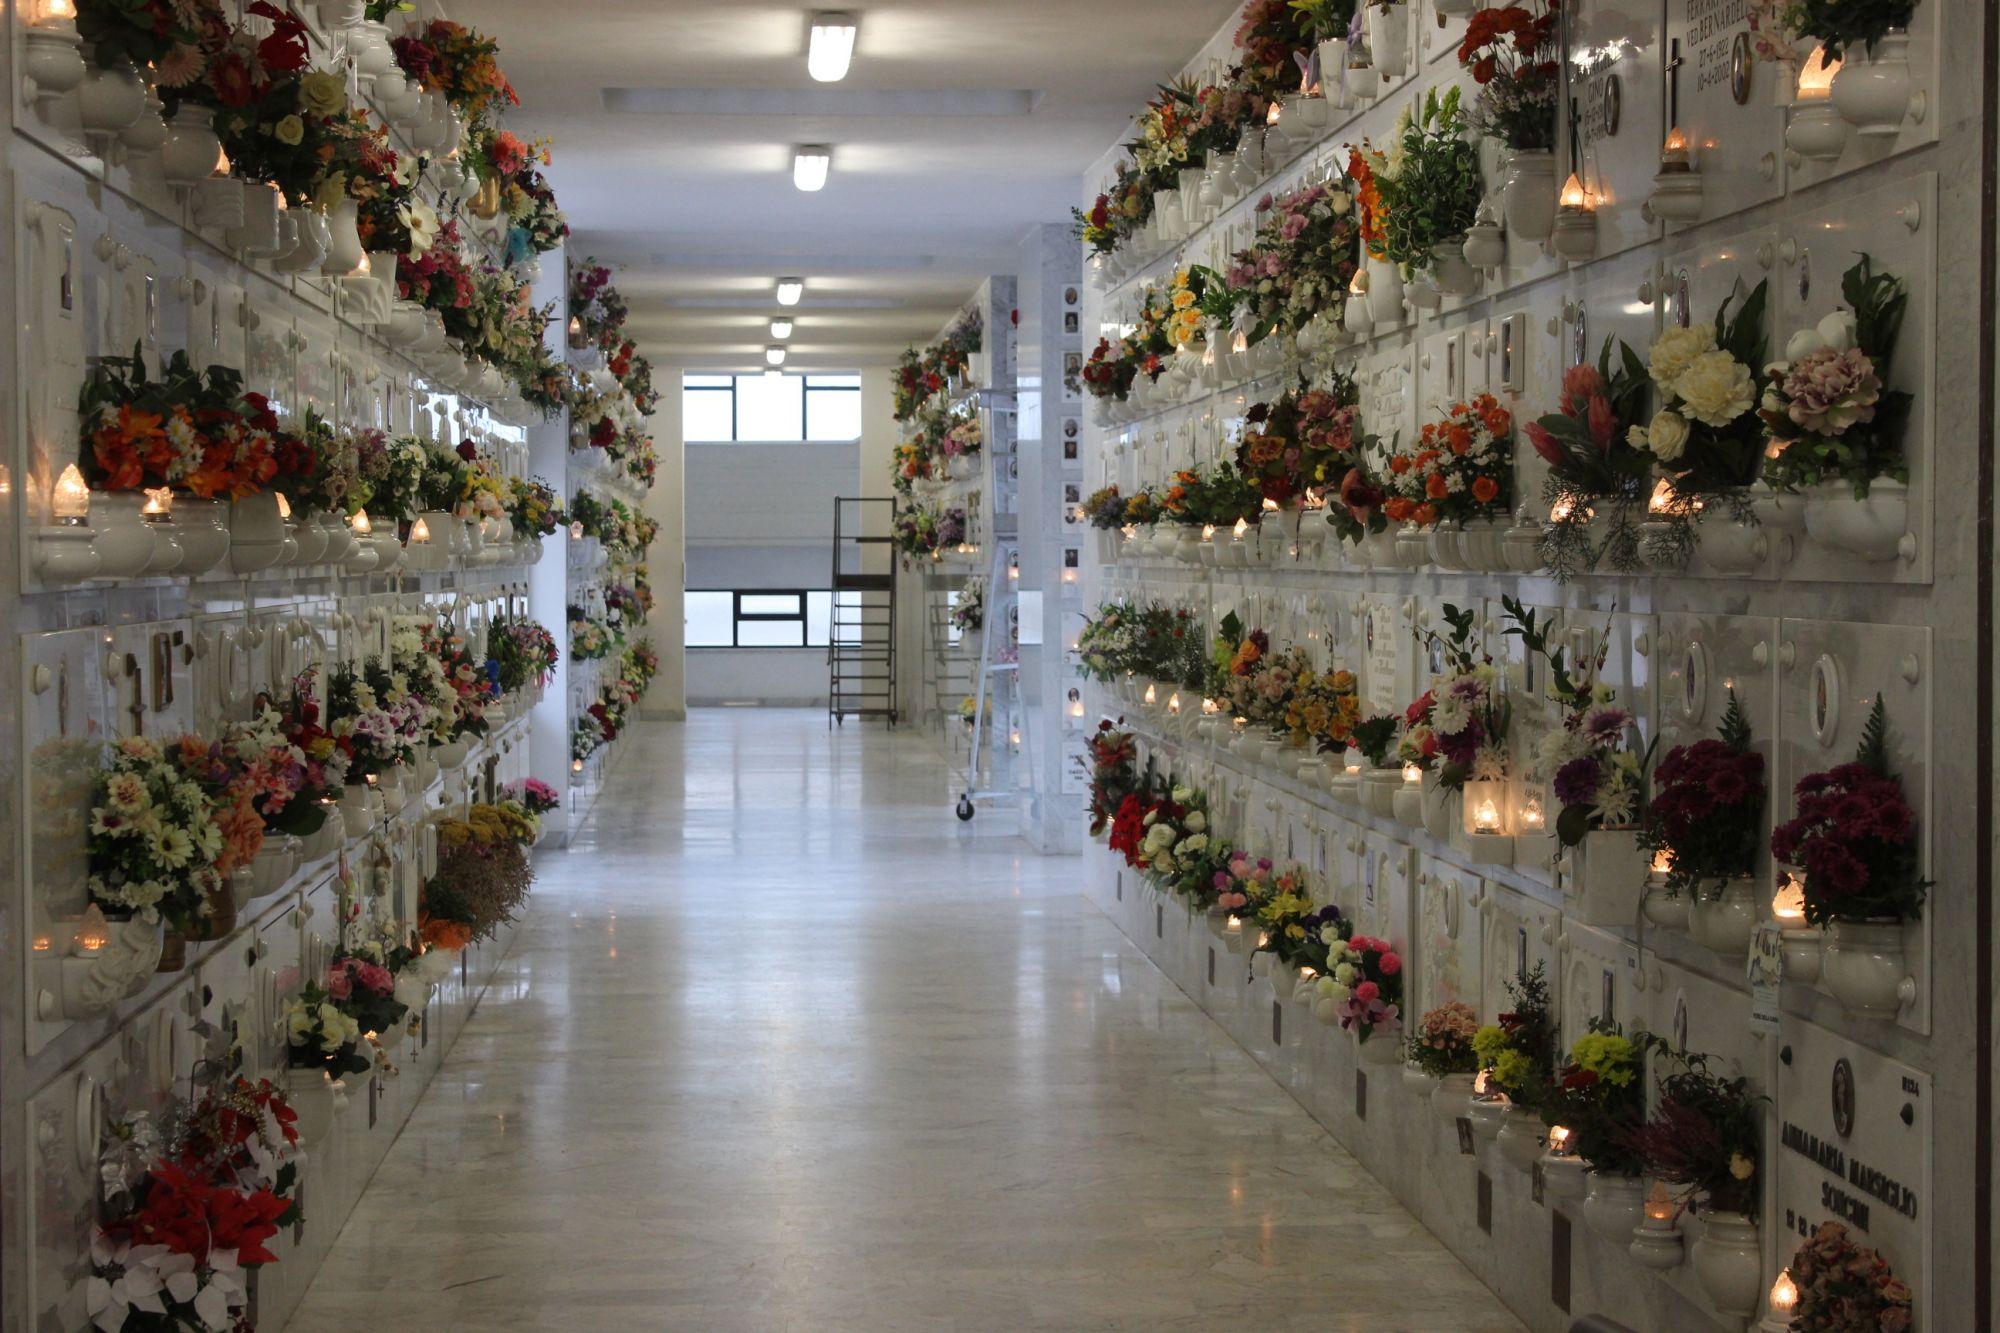 Scippata al cimitero cade si fa male a un ginocchio: caccia aperta al ladro